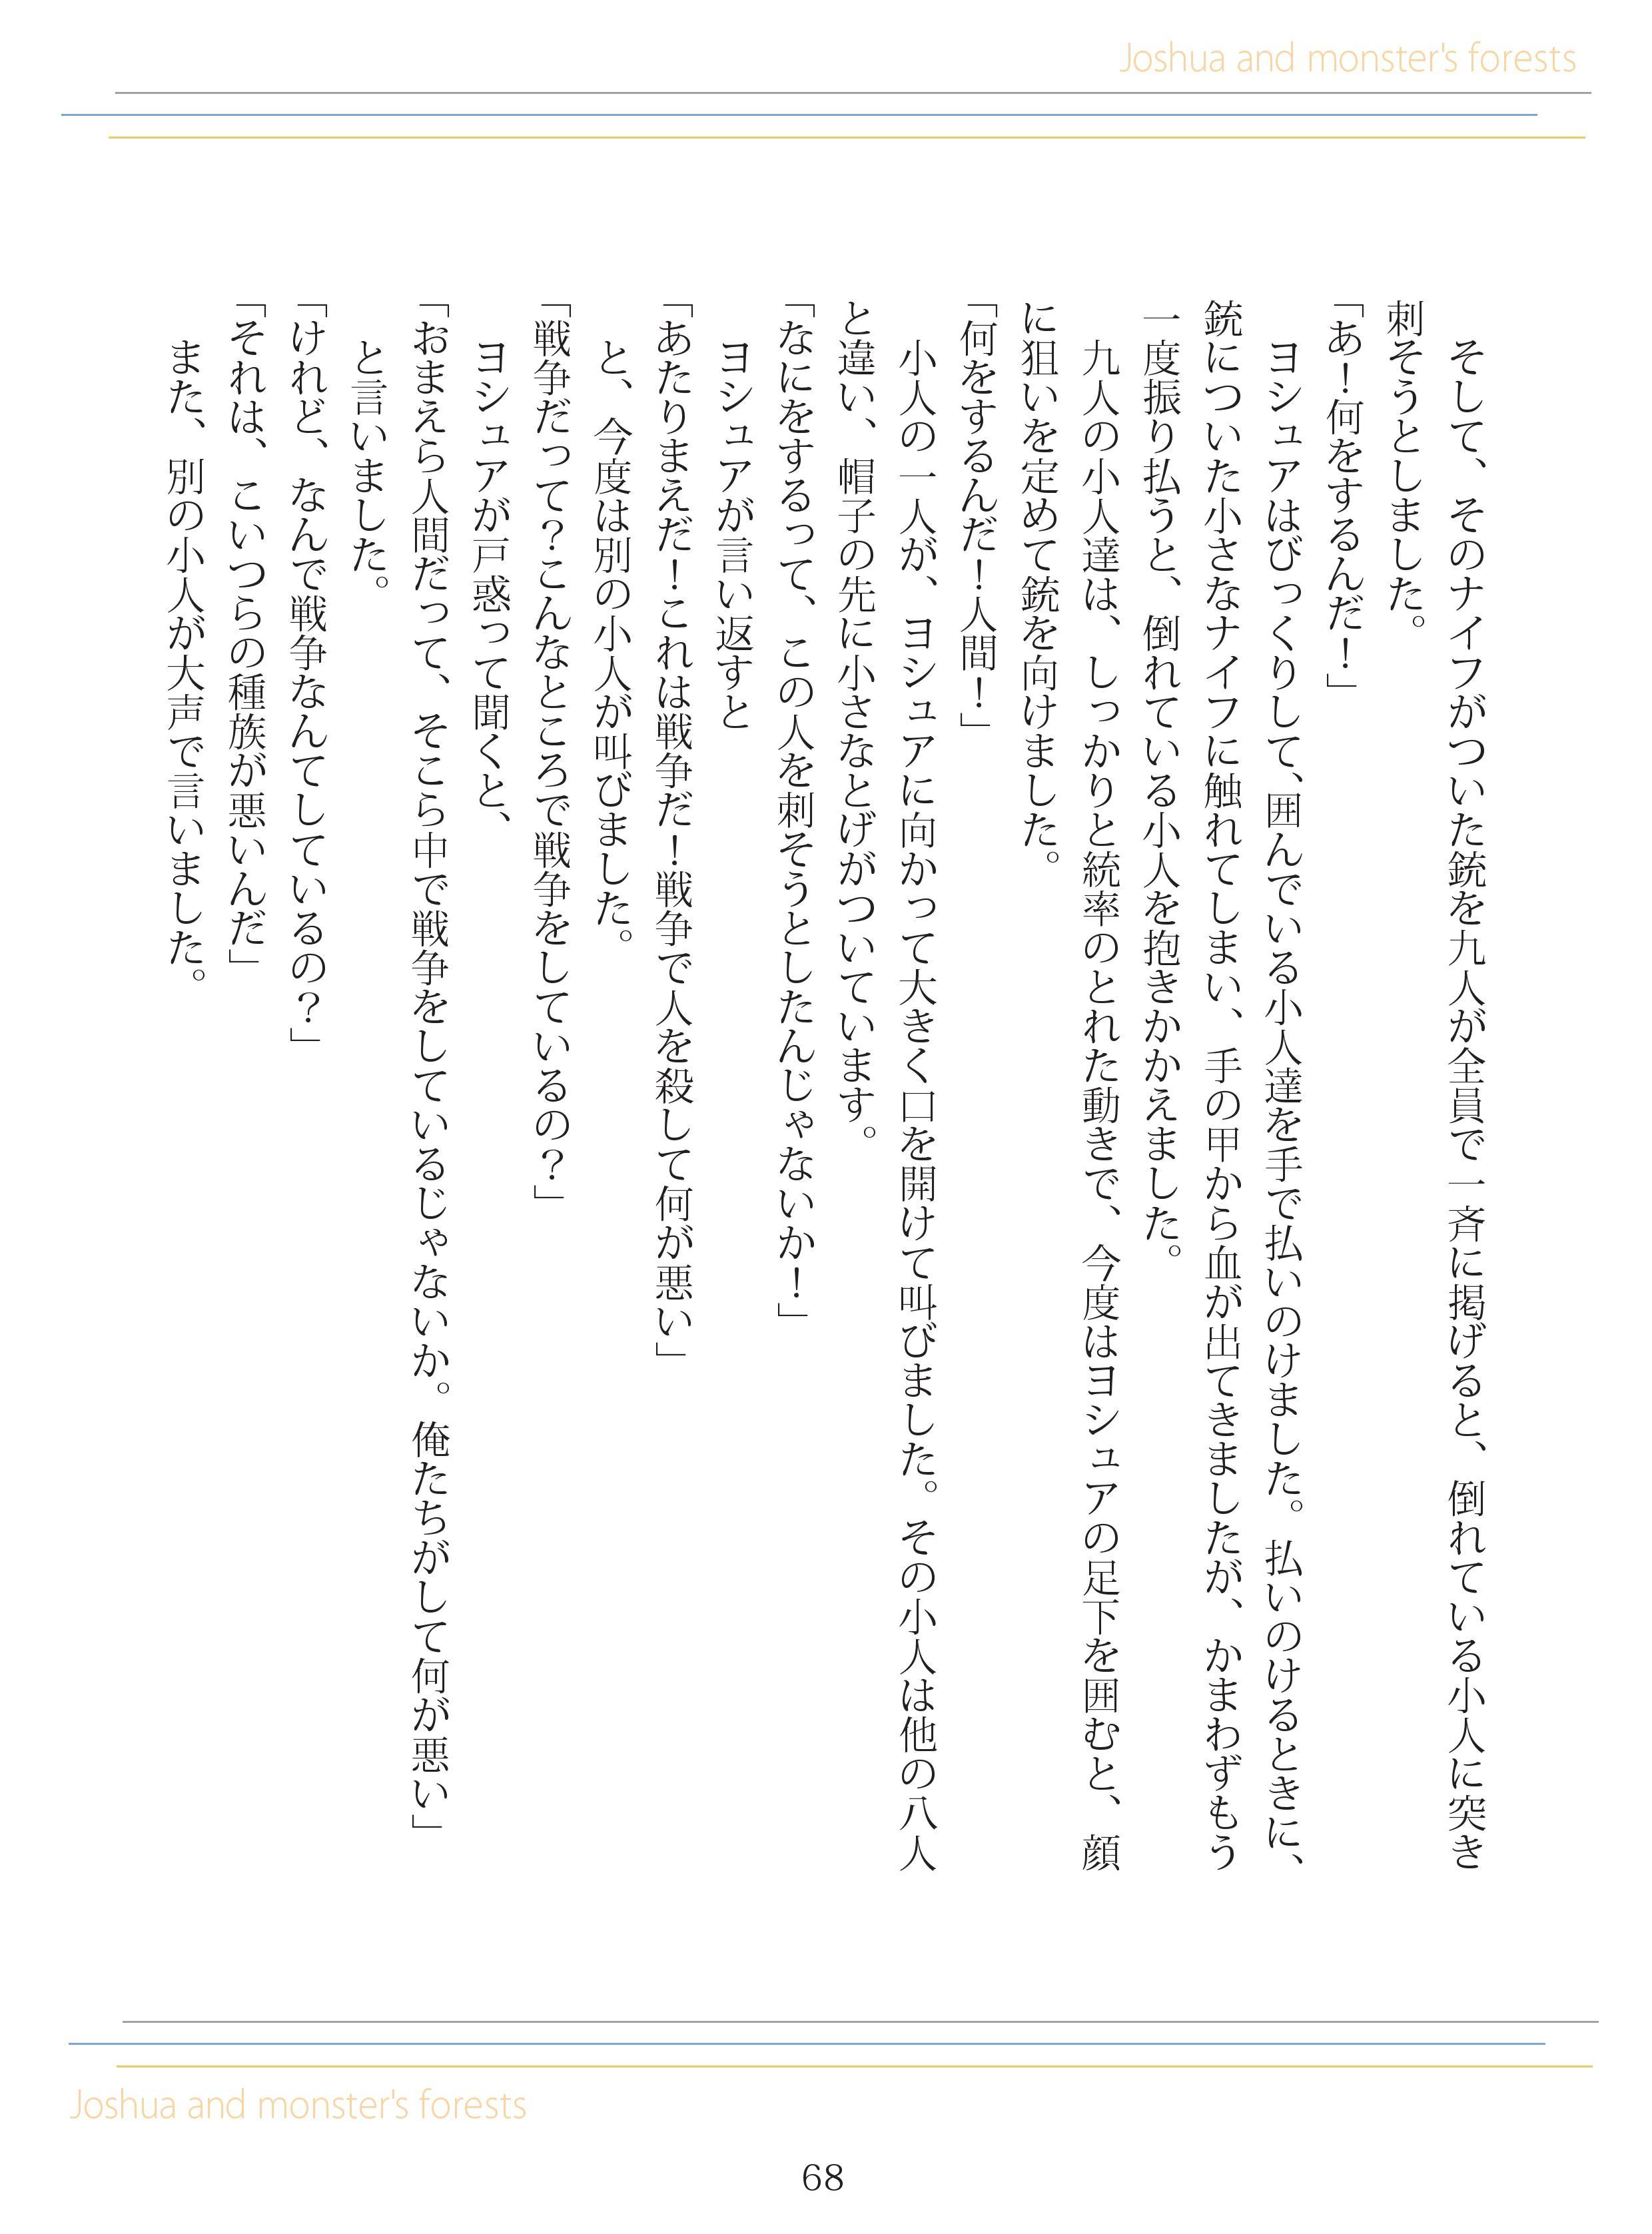 image_069